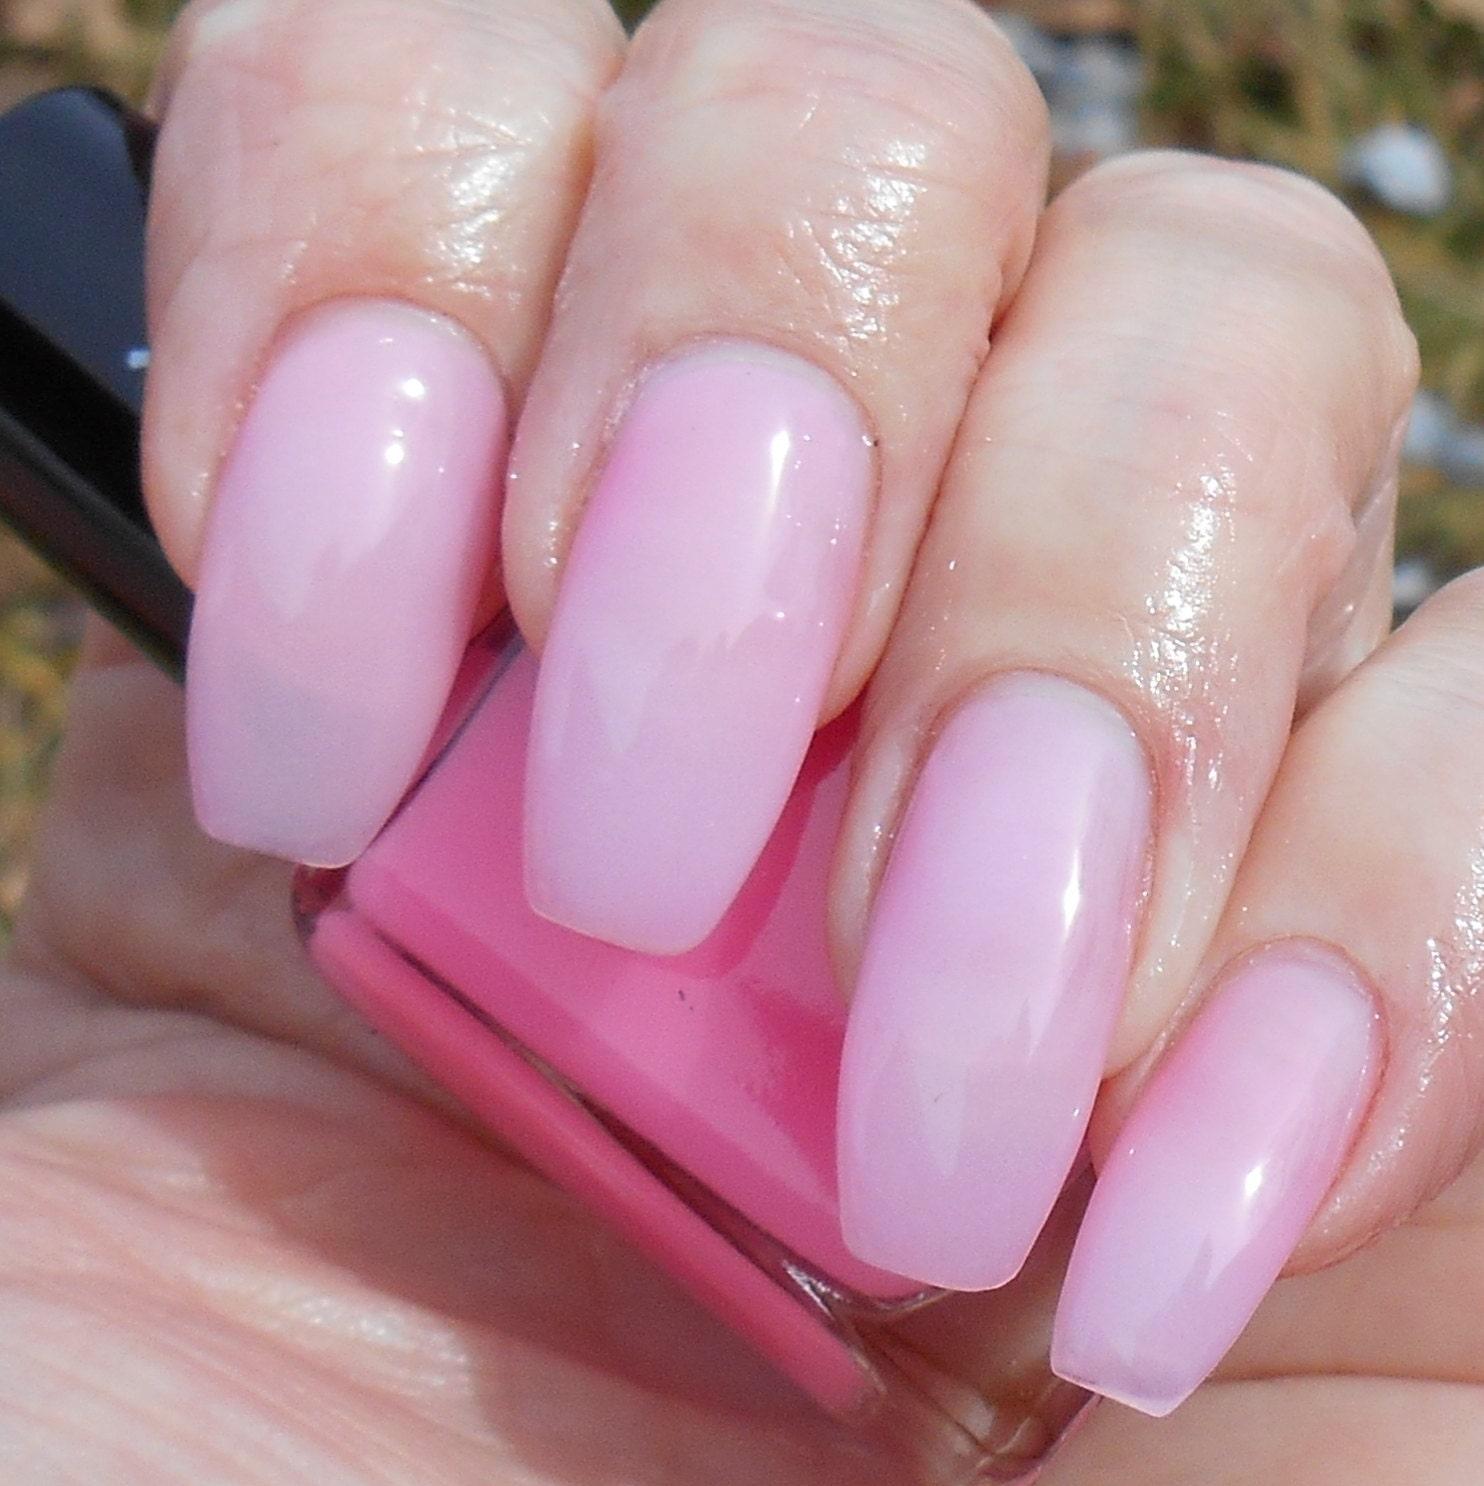 Sheer Pink Opi Nail Polish: Fairy Sheer Pink Nail Polish